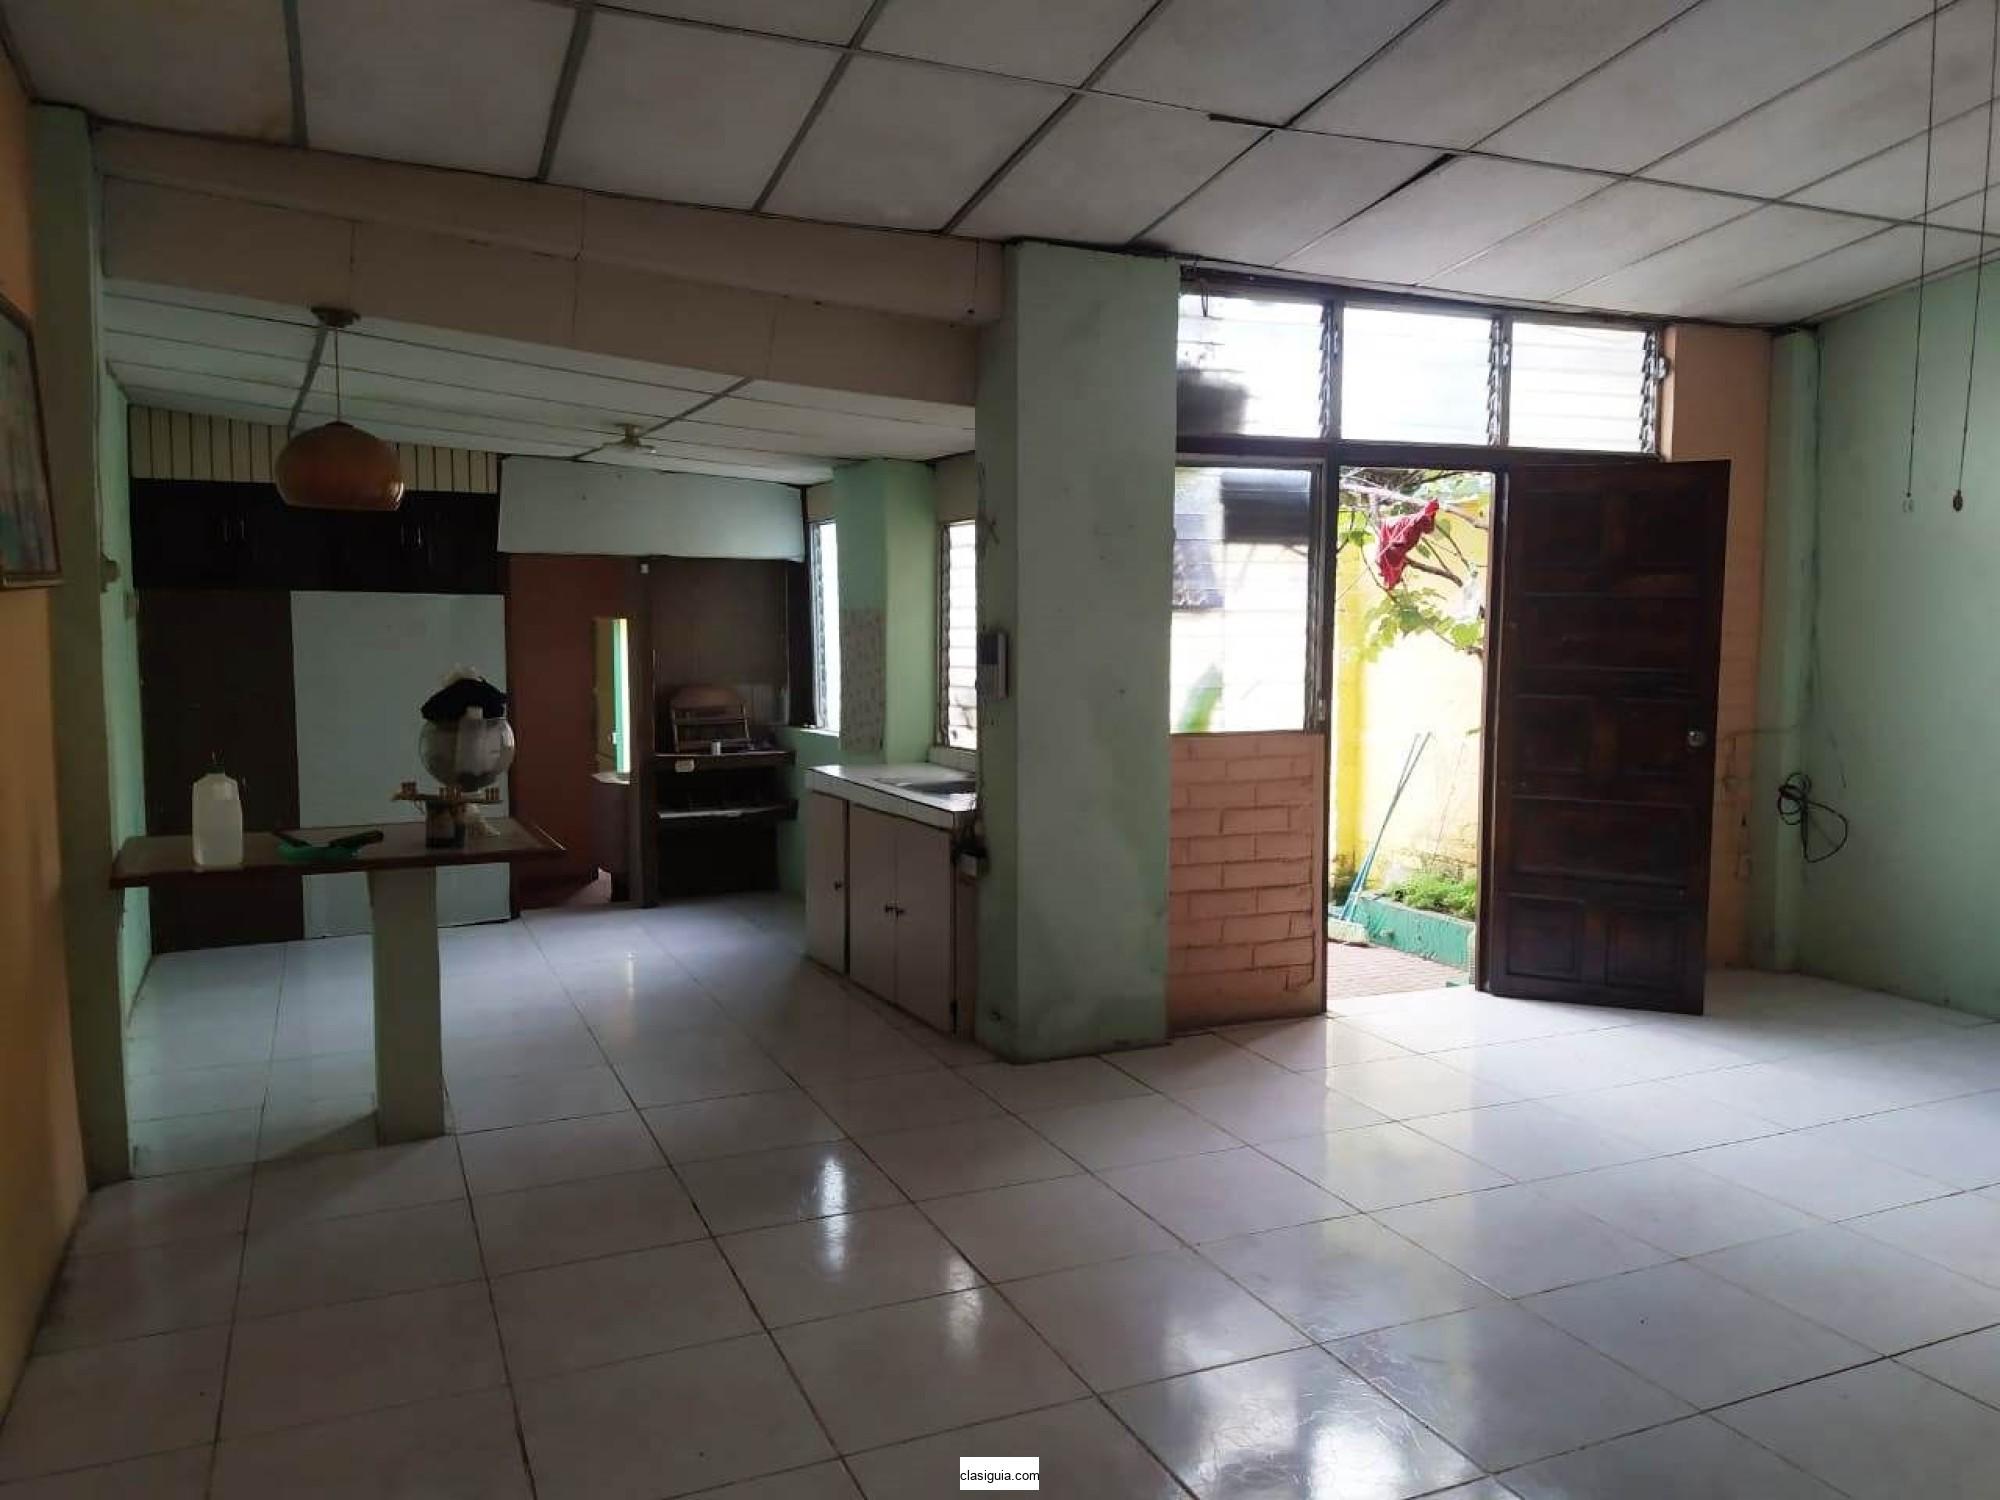 Vendo casa Barrio San Lorenzo, a 3 cuadras de Catedral en Santa Ana